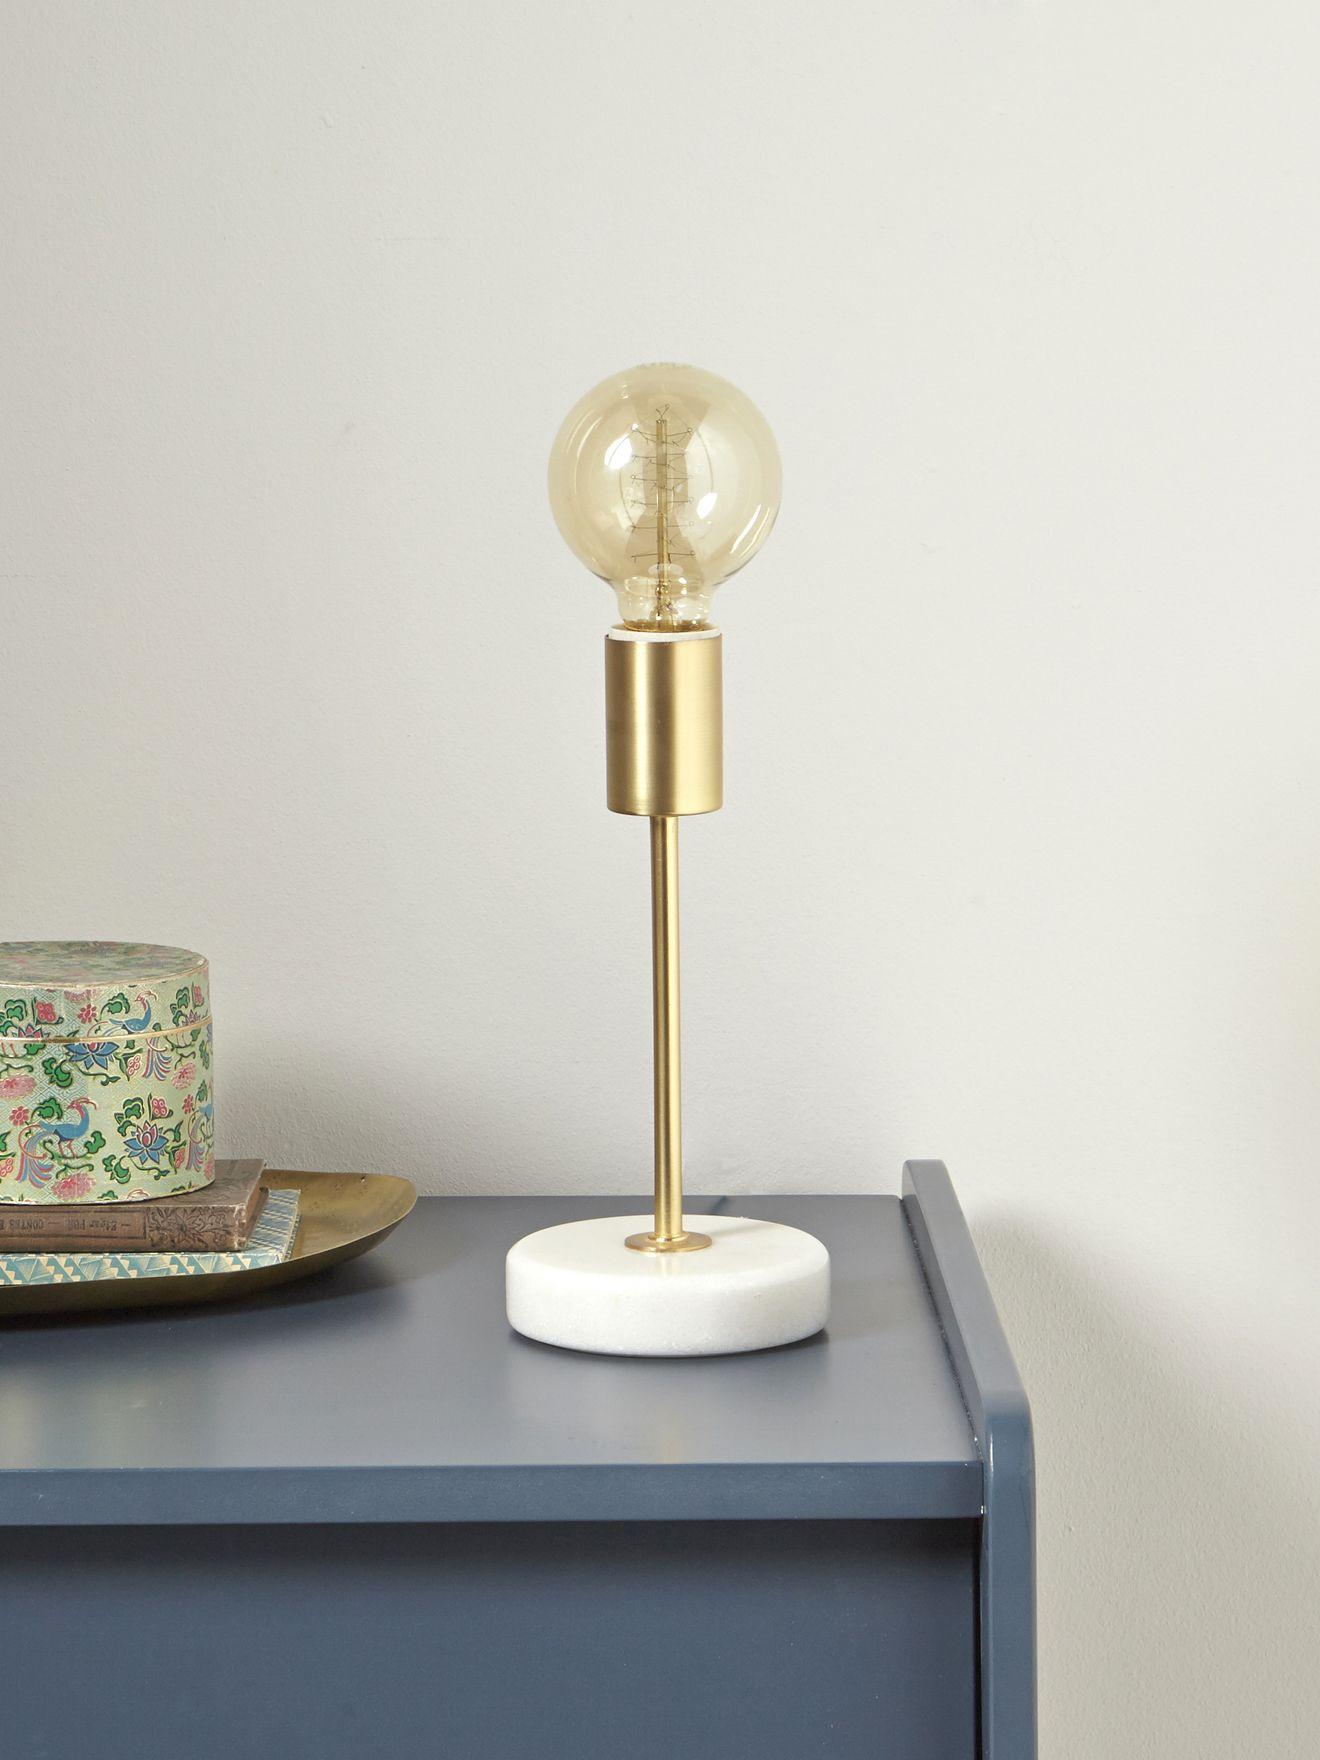 Design sobre matériaux nobles cette lampe incarne l élégance en